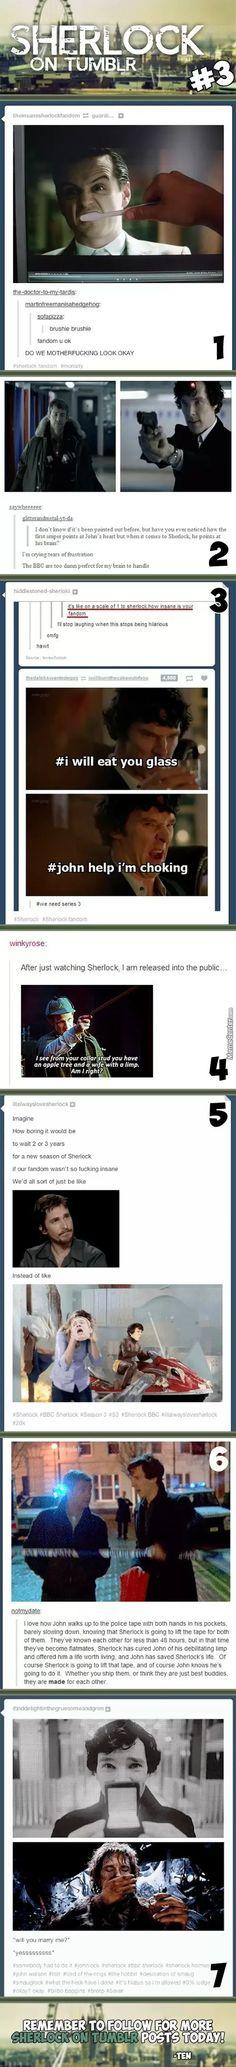 Sherlock On Tumblr #3